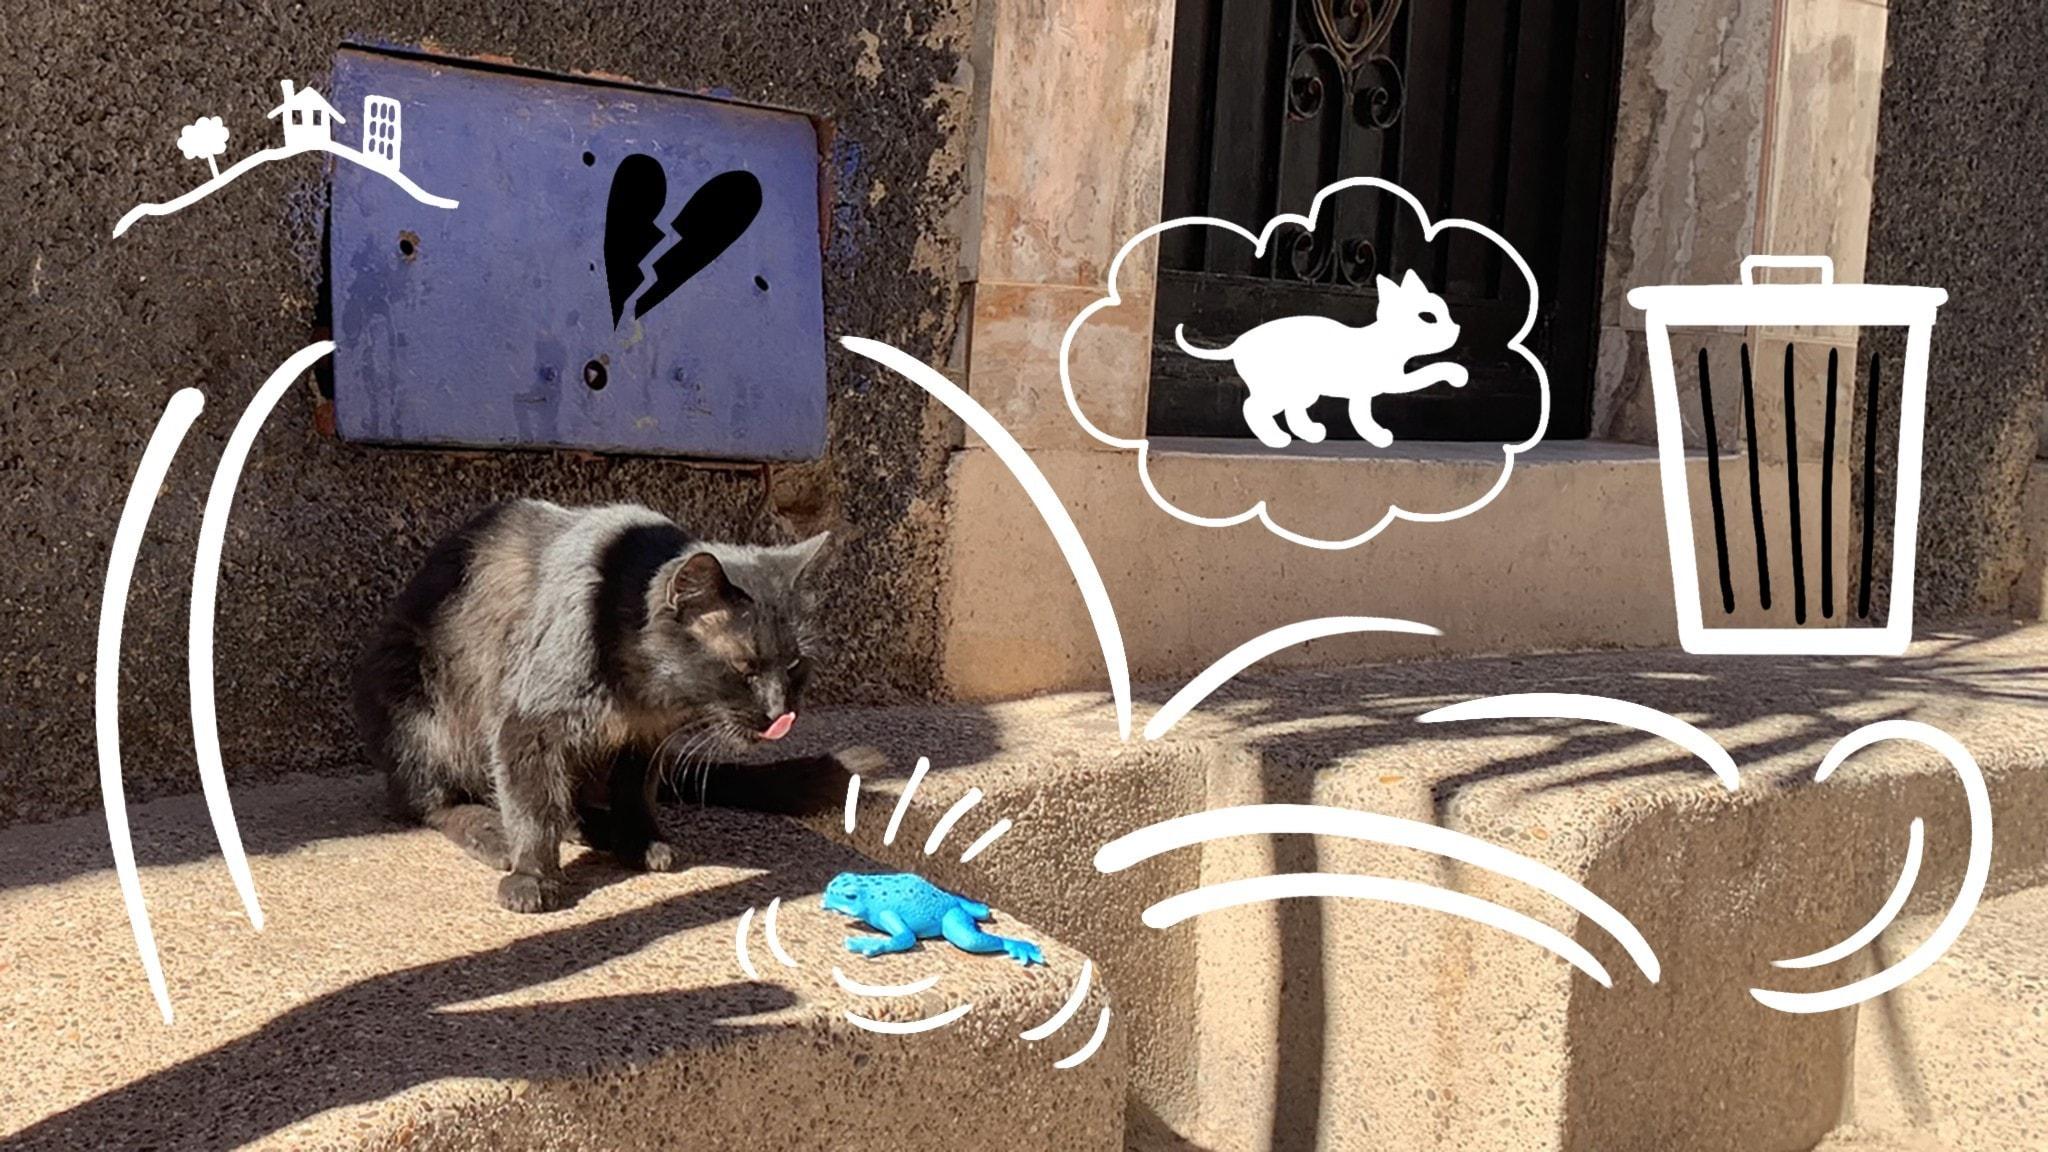 Grodan Kville pratar med en gatkatten på en trottoar i Marocko. Bild: Astrid Molin och Ingrid Flygare.